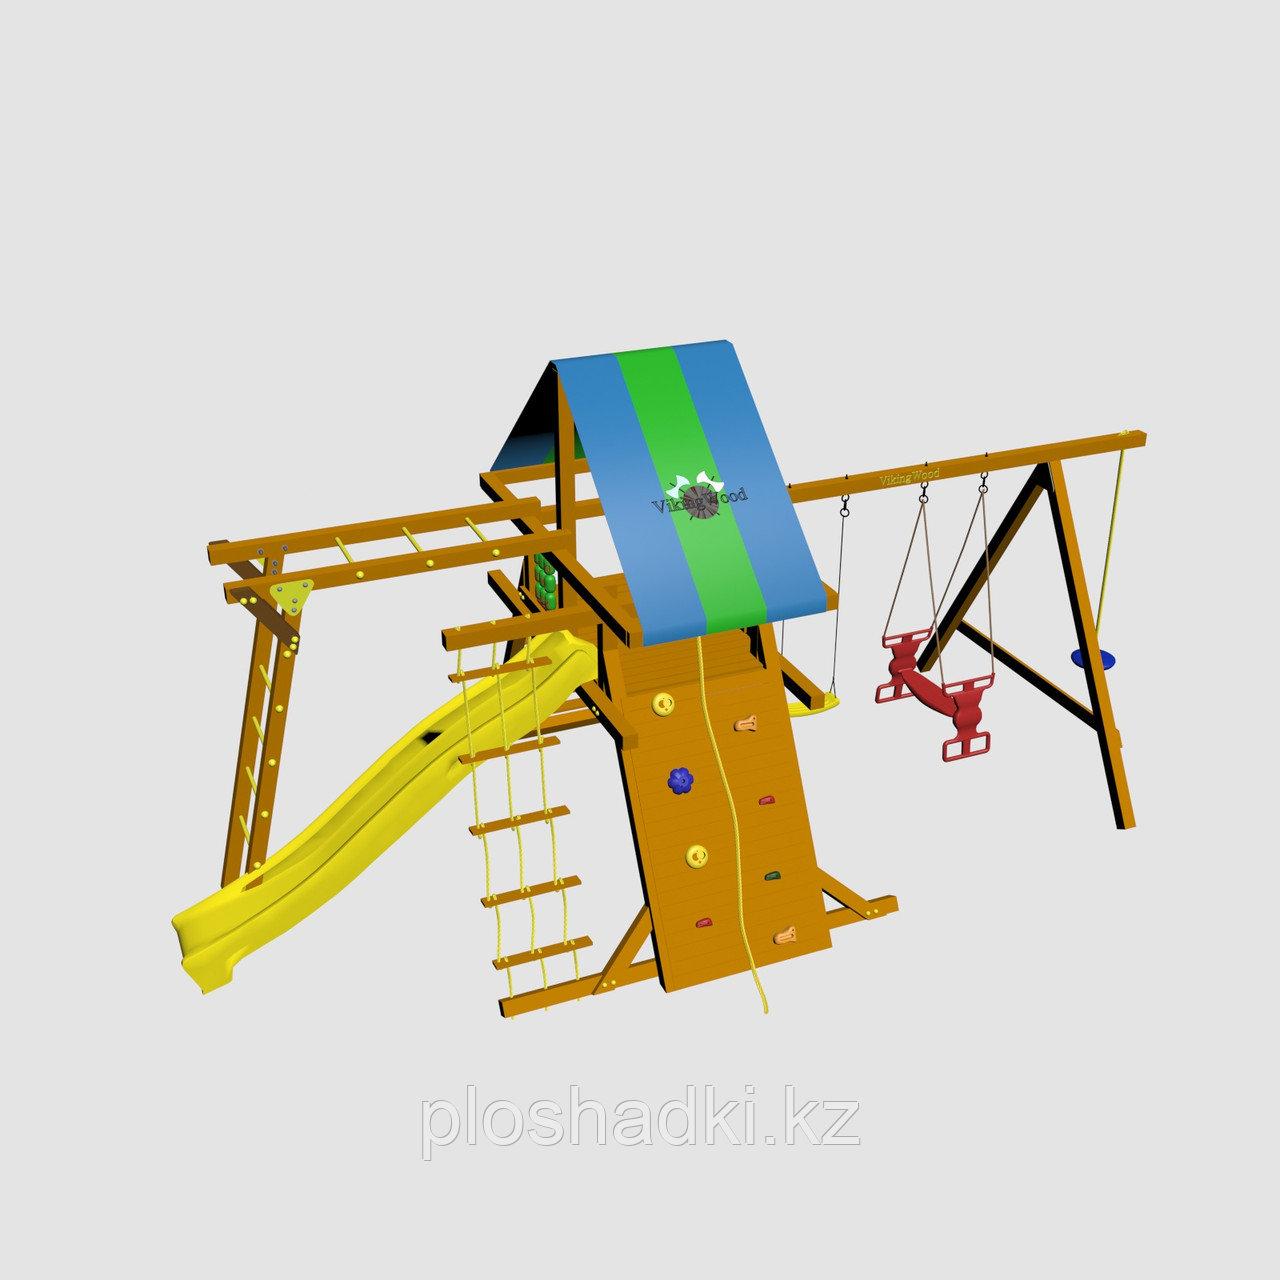 """Игровой комплекс """"Анкона Дуэт"""", с крышей, лестницами, скалодромом, горкой"""